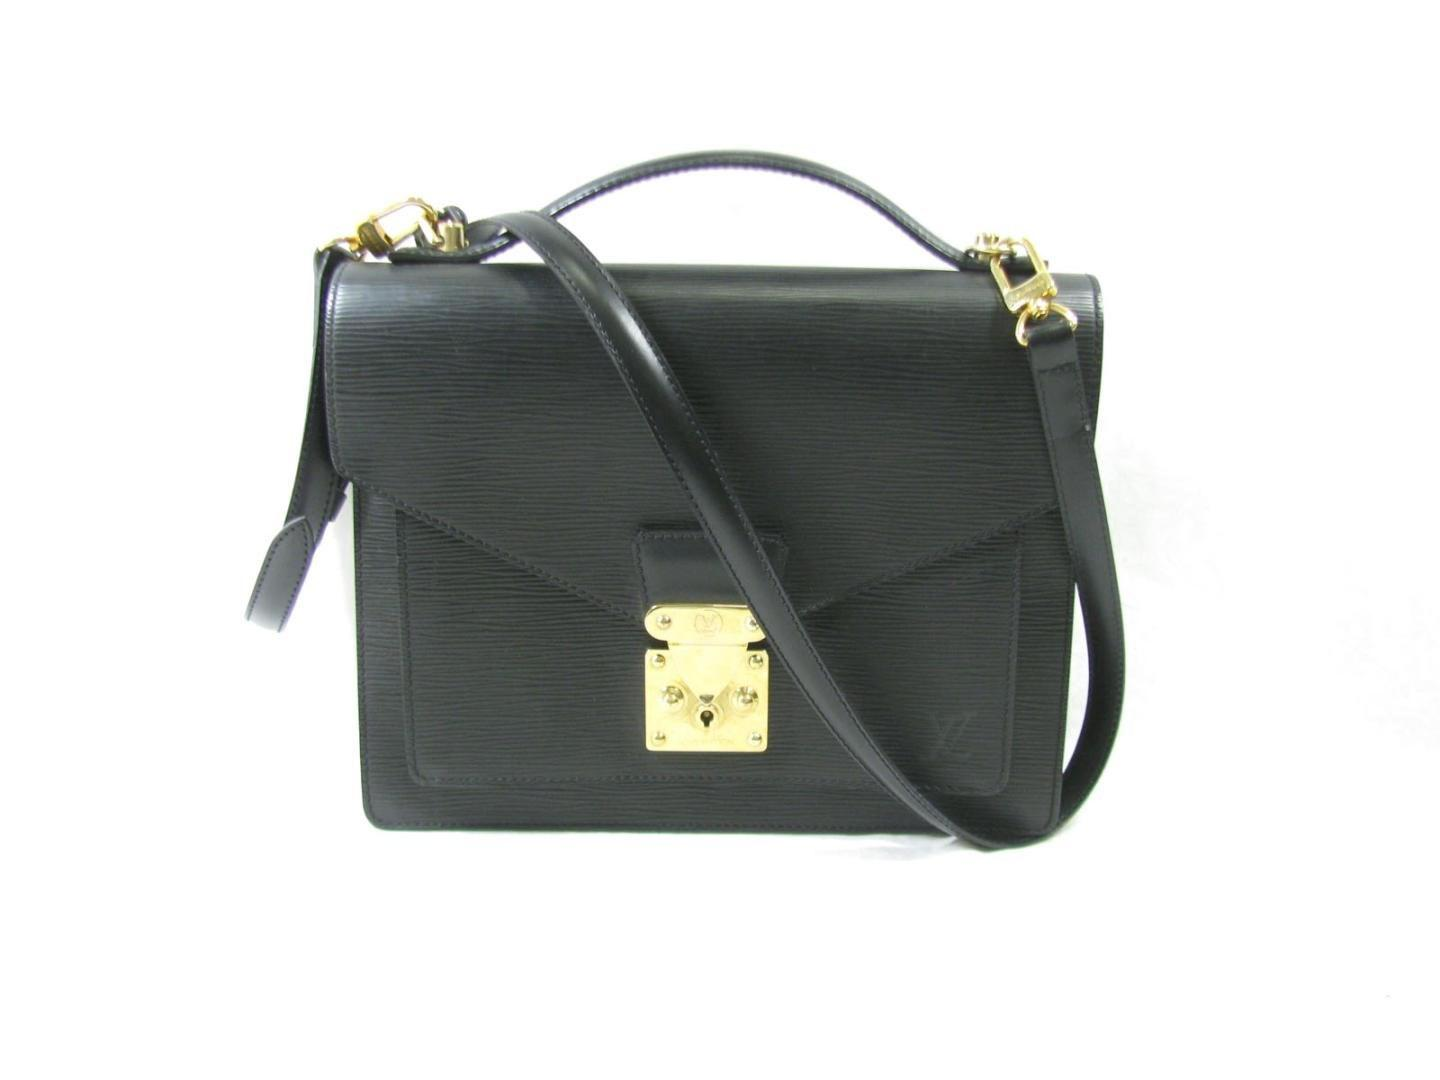 646b44e28c1f Lyst - Louis Vuitton Monceau Handbag Briefcase Epi Black M52122 in Black